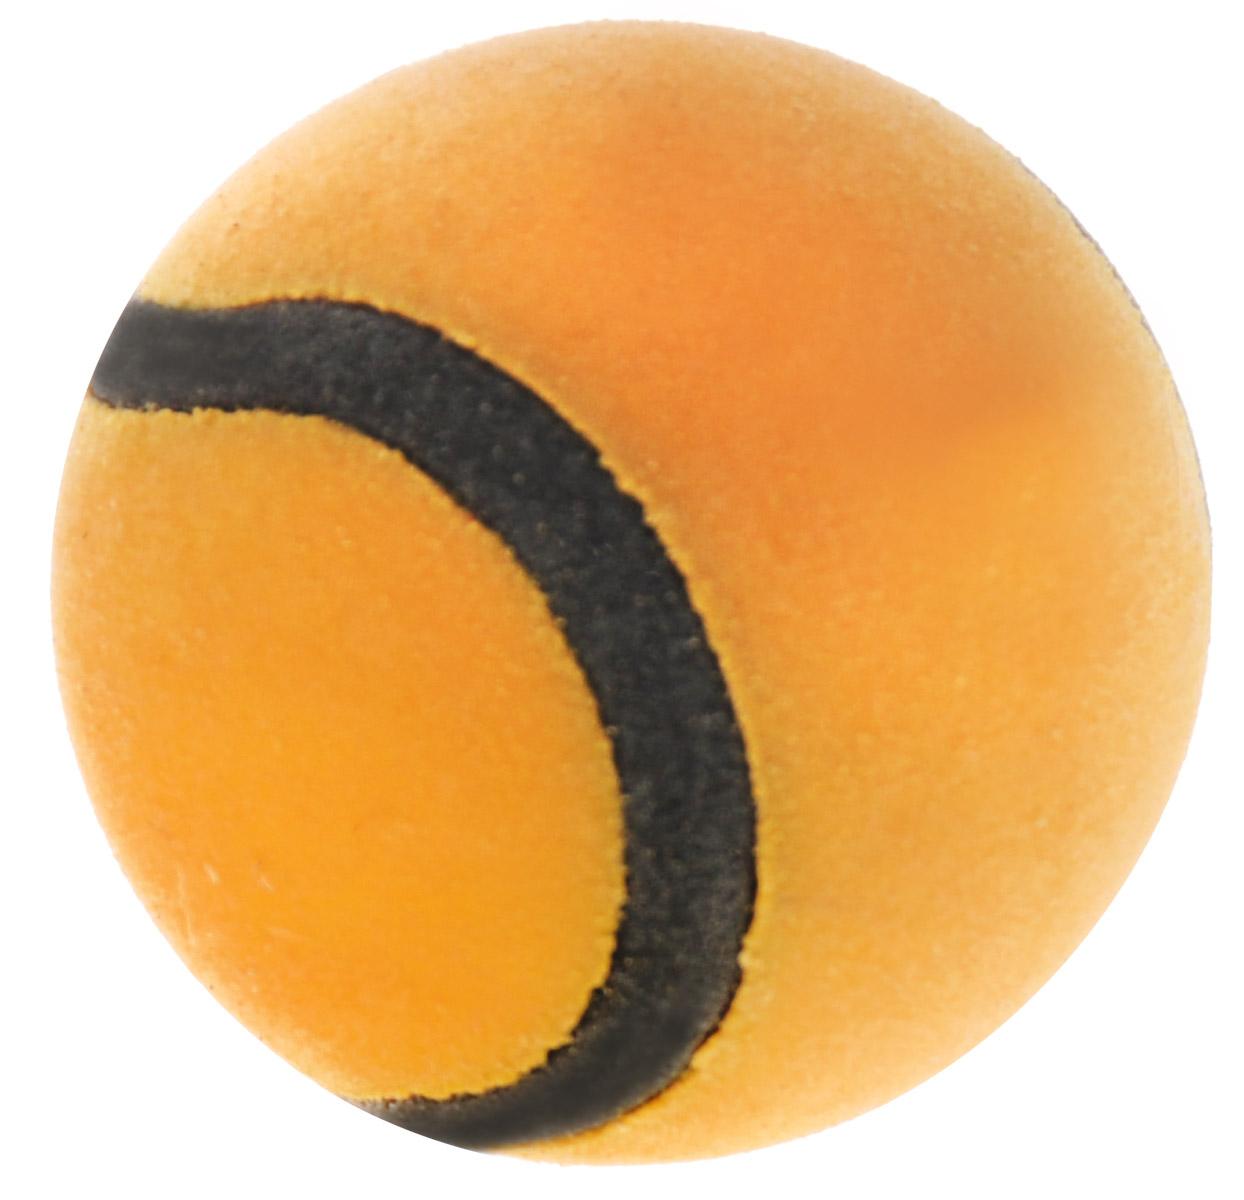 Brunnen Ластик Мячик теннисный цвет оранжевый62155_оранжевыйЛастик Brunnen Мячик теннисный станет незаменимым аксессуаром на рабочем столе не только школьника или студента, но и офисного работника. Выполнен ластик в виде мяча оранжевого цвета. Он легко и без следа удаляет надписи, сделанные карандашом.